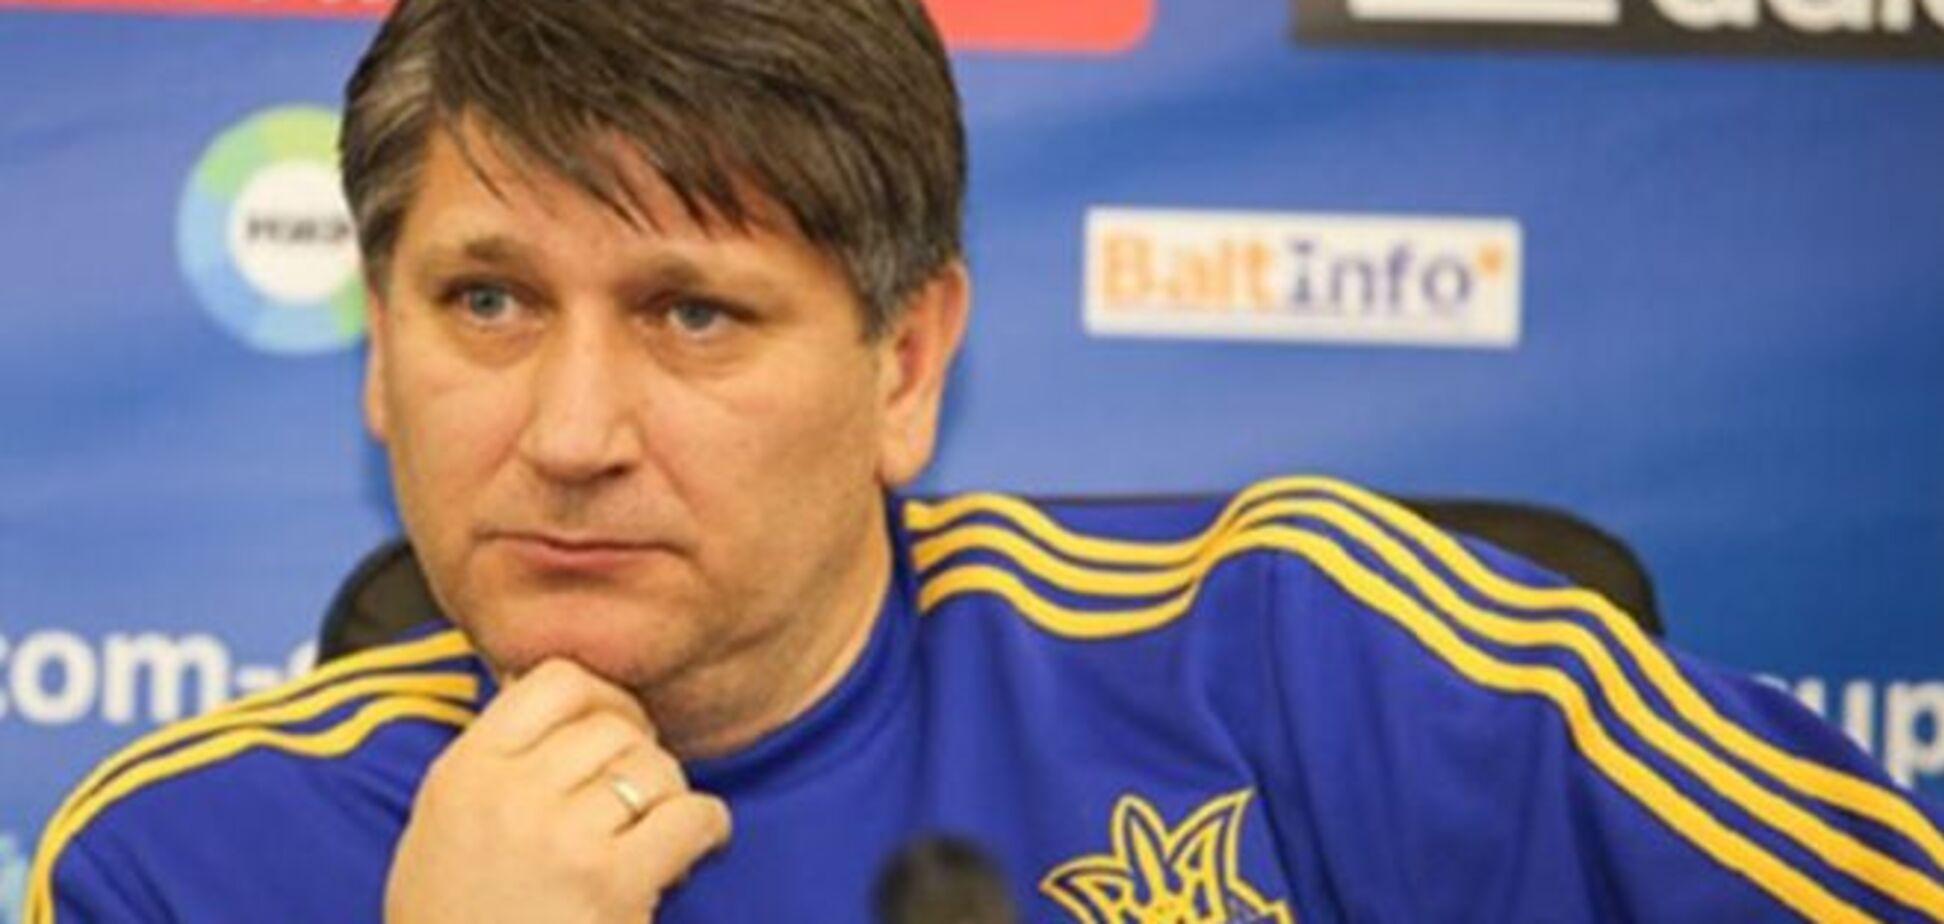 Тренер сборной Украины рассказал, как избавиться от коррупции